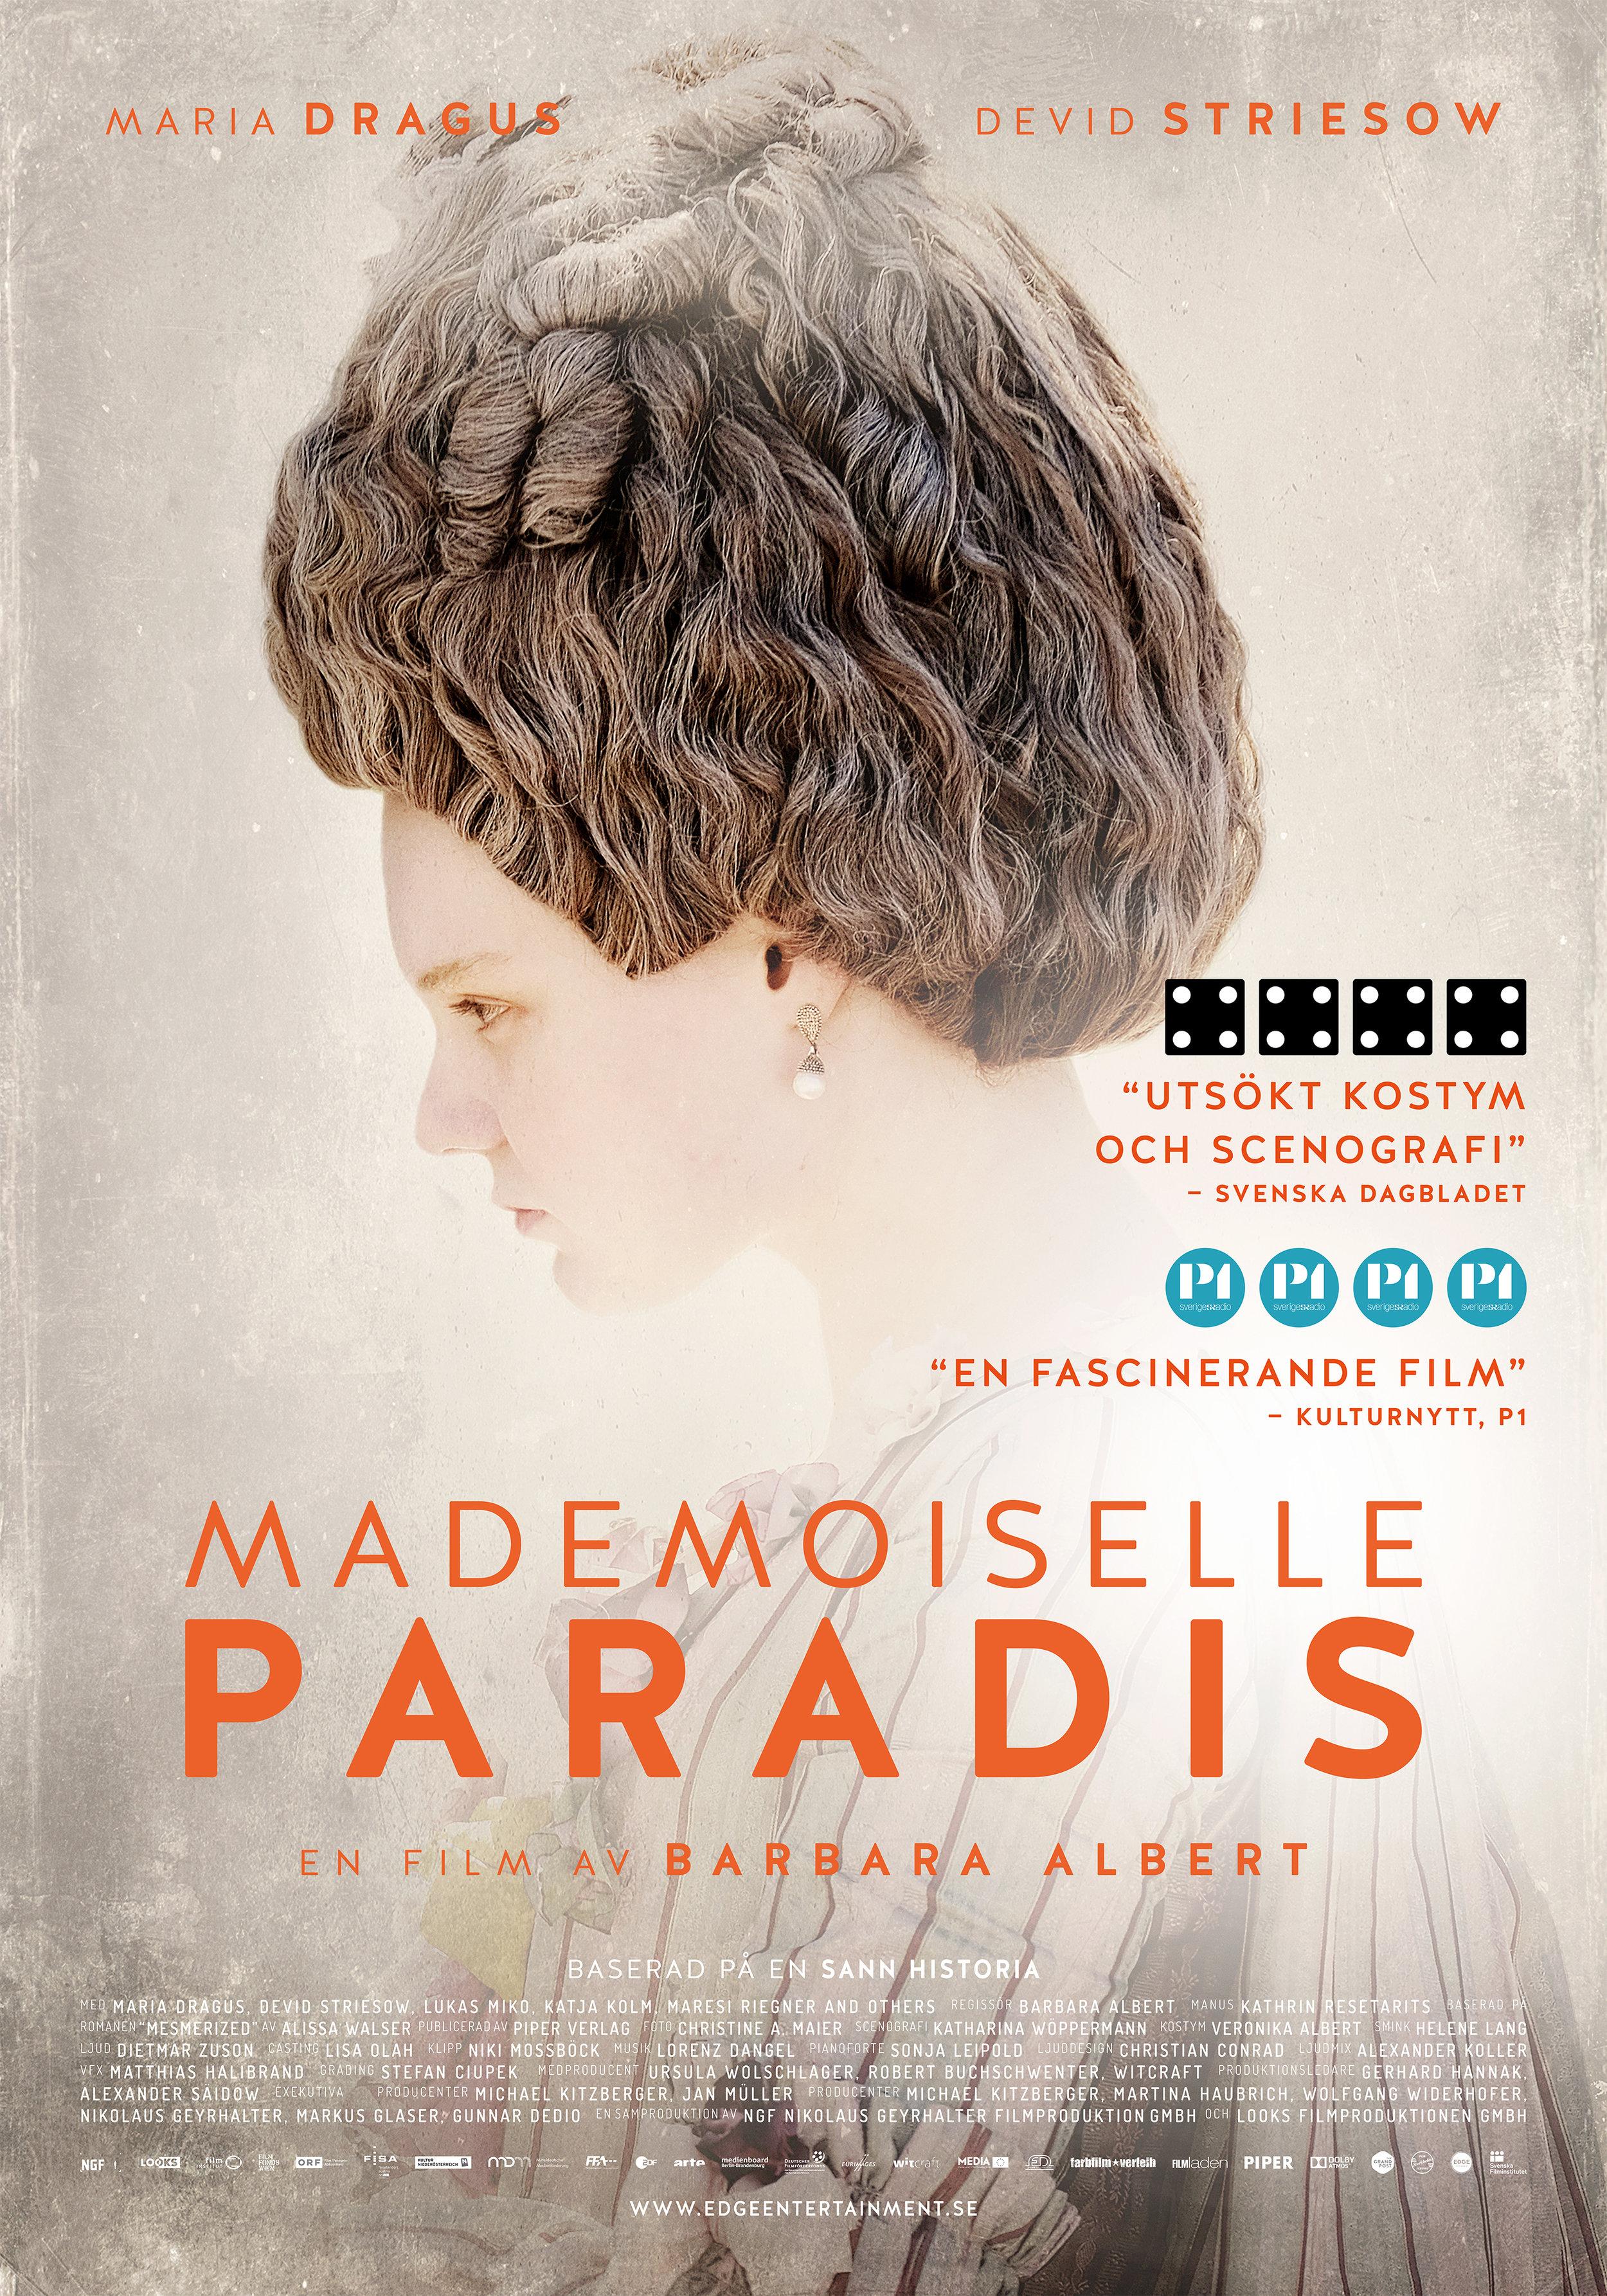 mademoiselle-paradis_70x100_2018-08-13.jpg